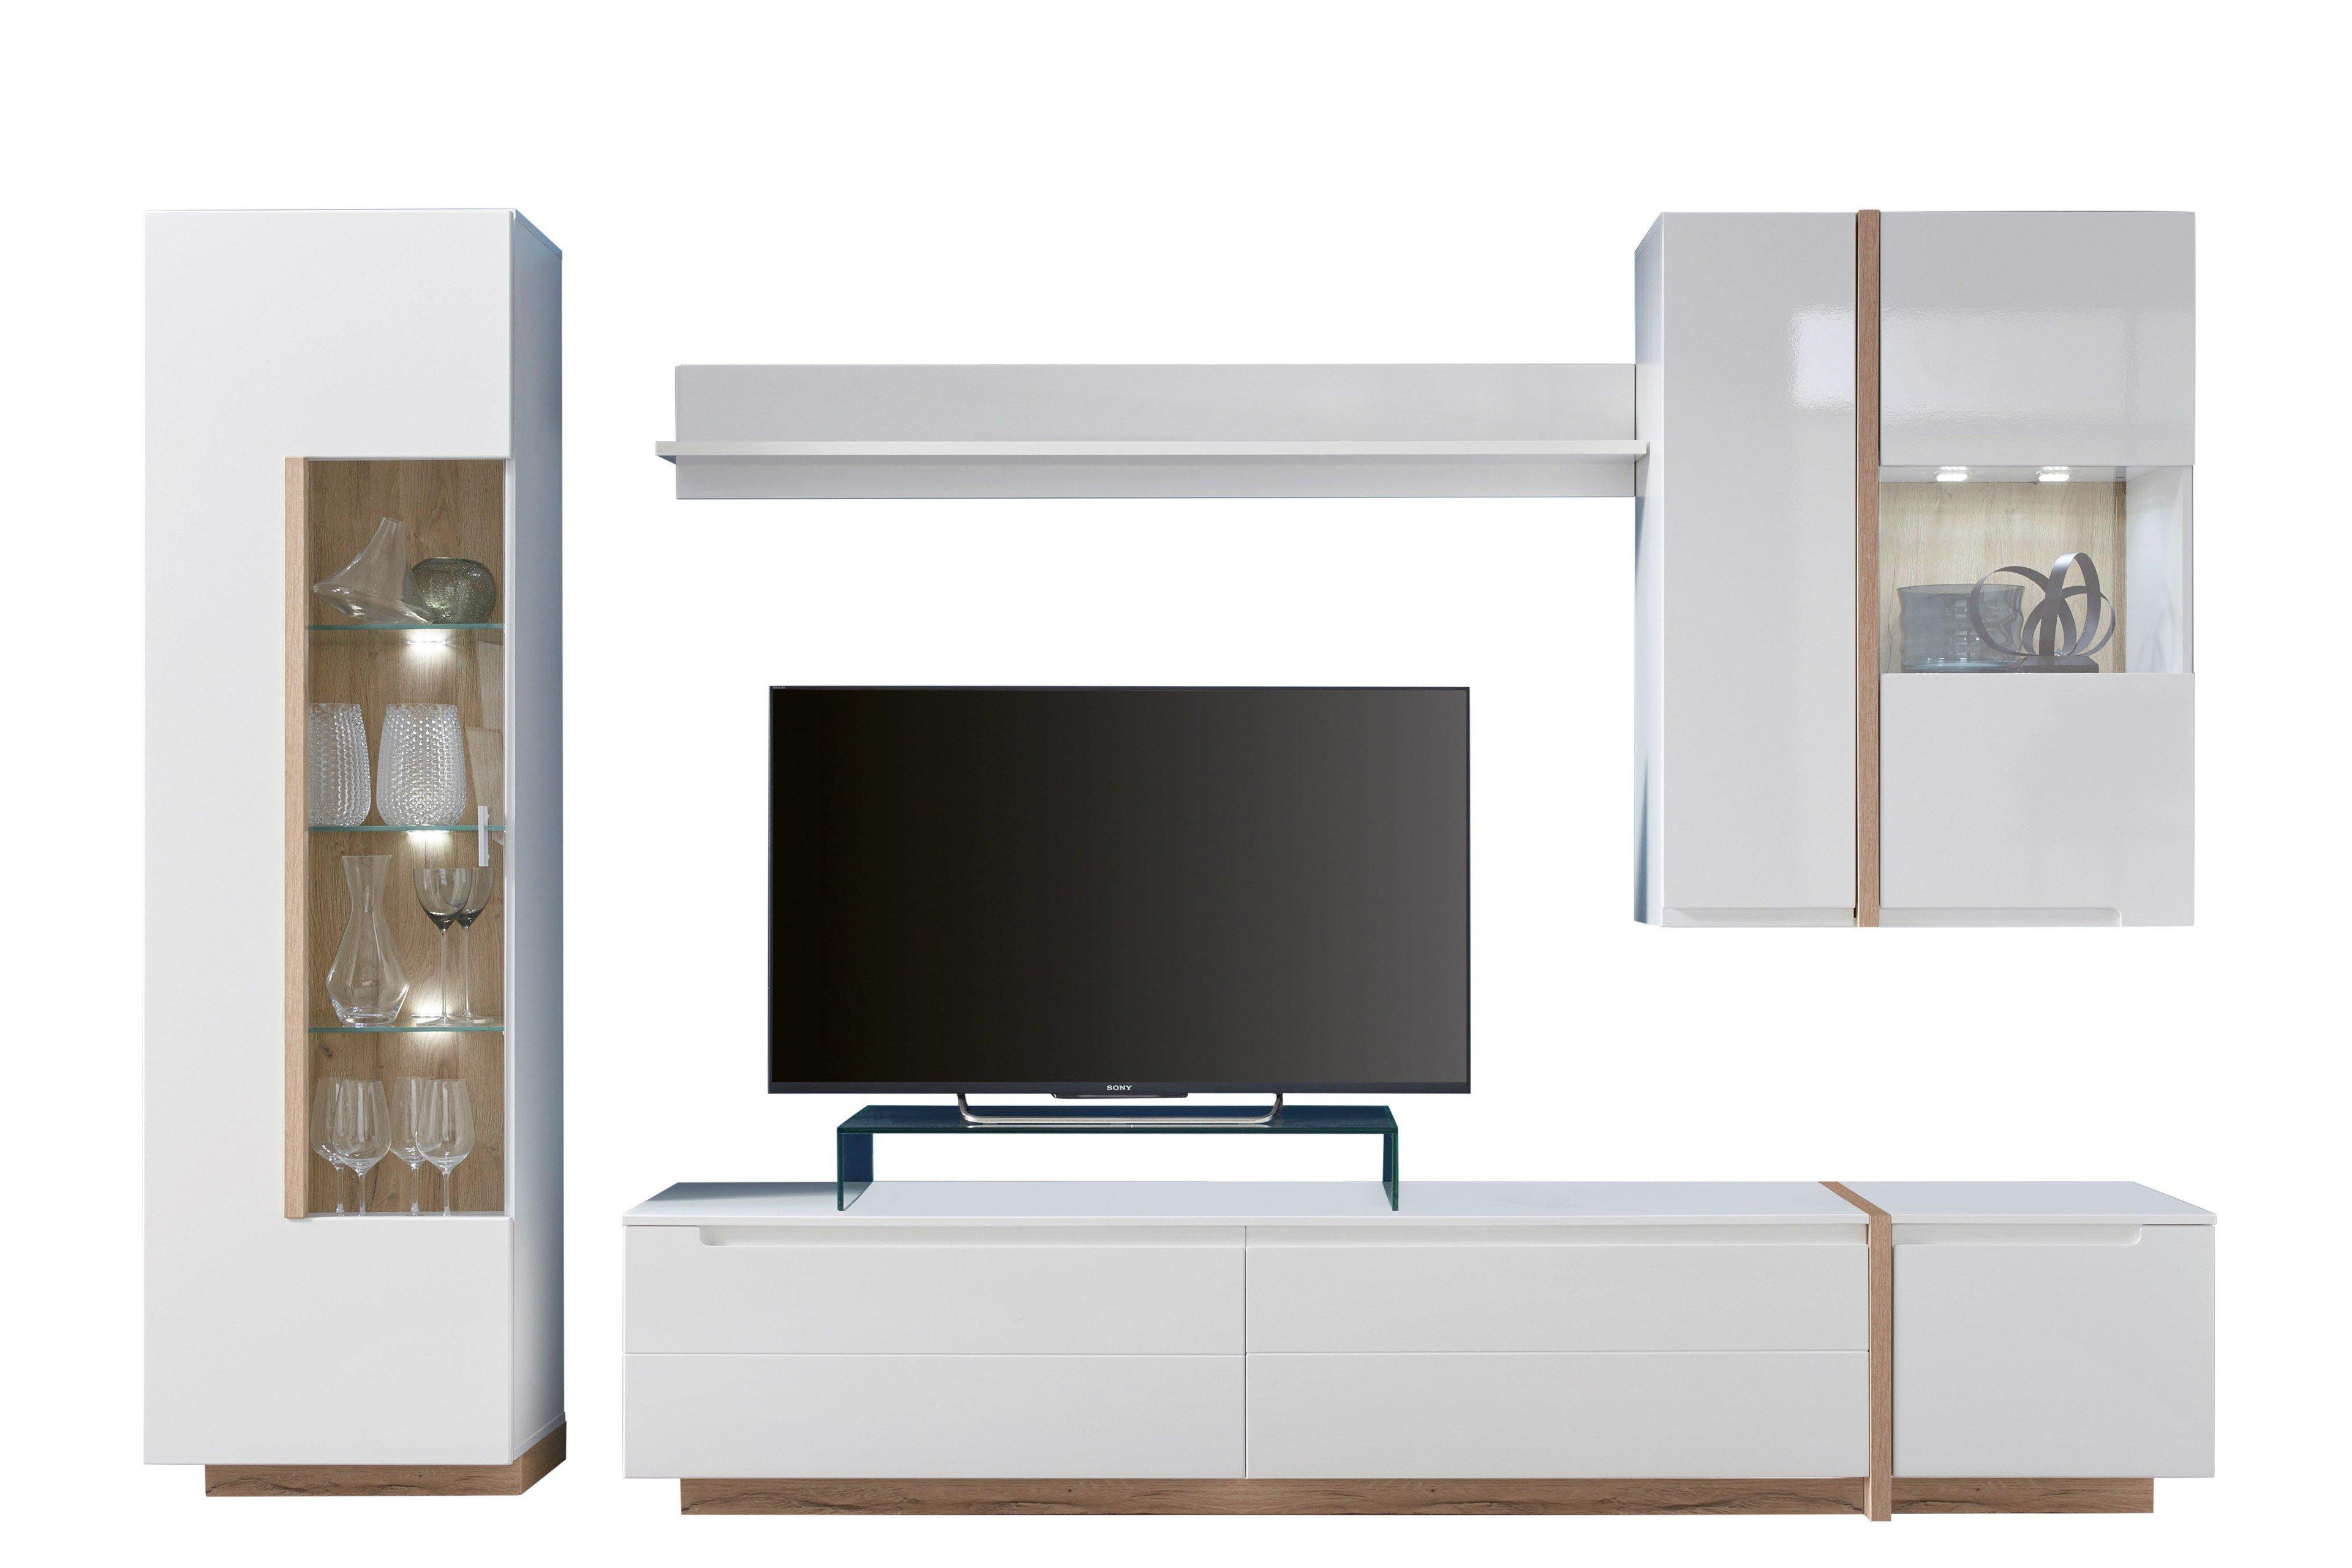 inter furn wohnwand candy wei matt eiche bianco m bel letz ihr online shop. Black Bedroom Furniture Sets. Home Design Ideas